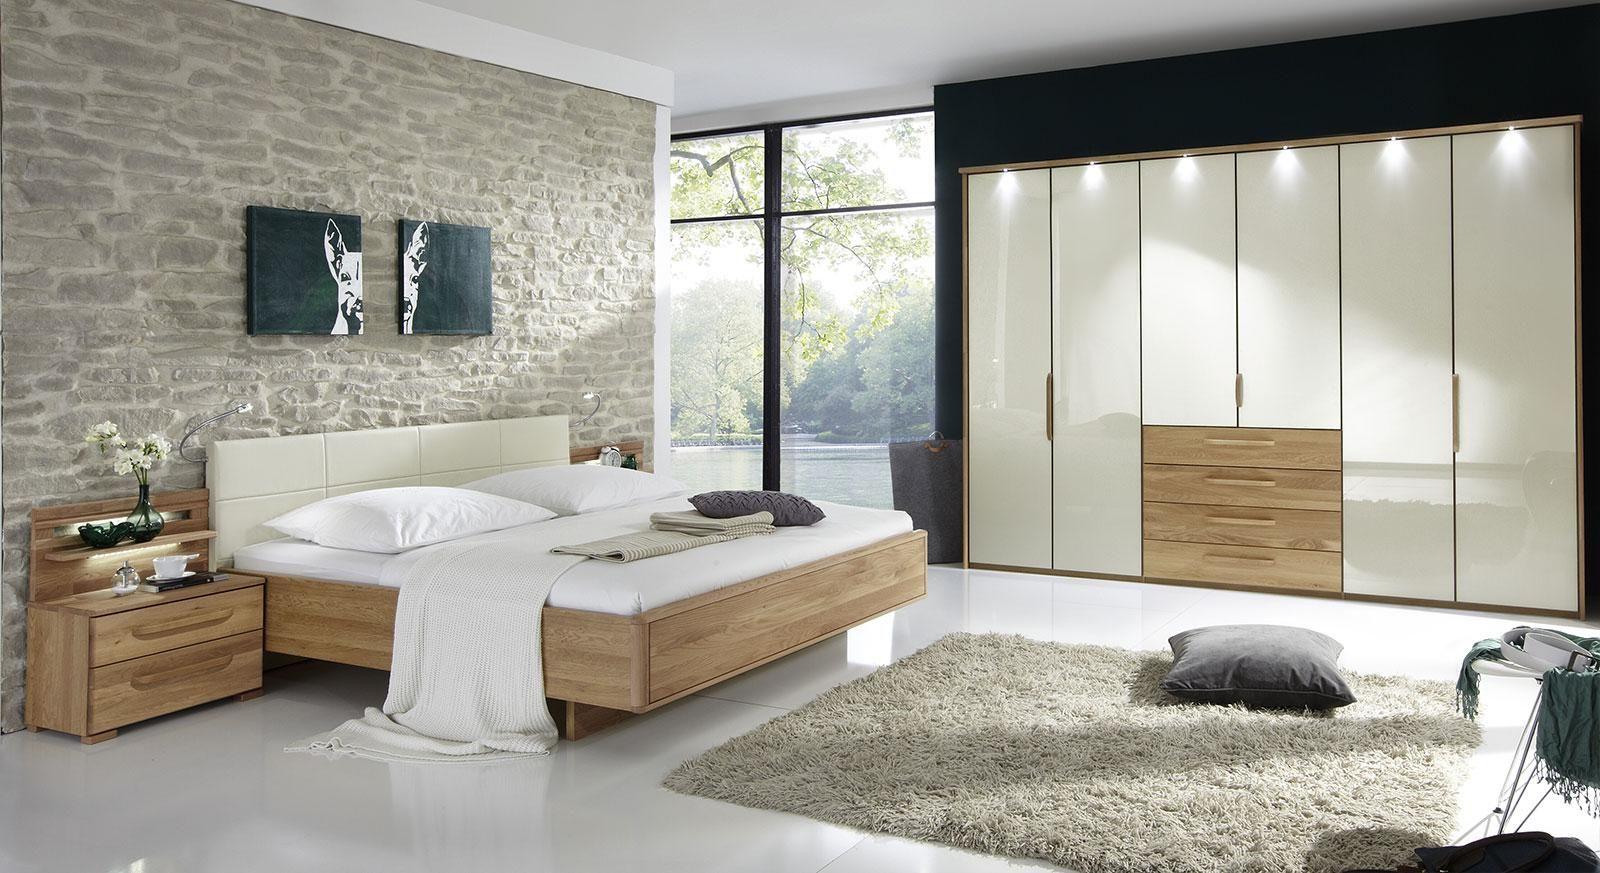 Full Size of Schlafzimmer Komplett Modern Massiv Set Luxus Weiss Deckenleuchten Günstig Weiß Komplette Stuhl Für Regal Massivholz Mit Matratze Und Lattenrost Moderne Wohnzimmer Schlafzimmer Komplett Modern